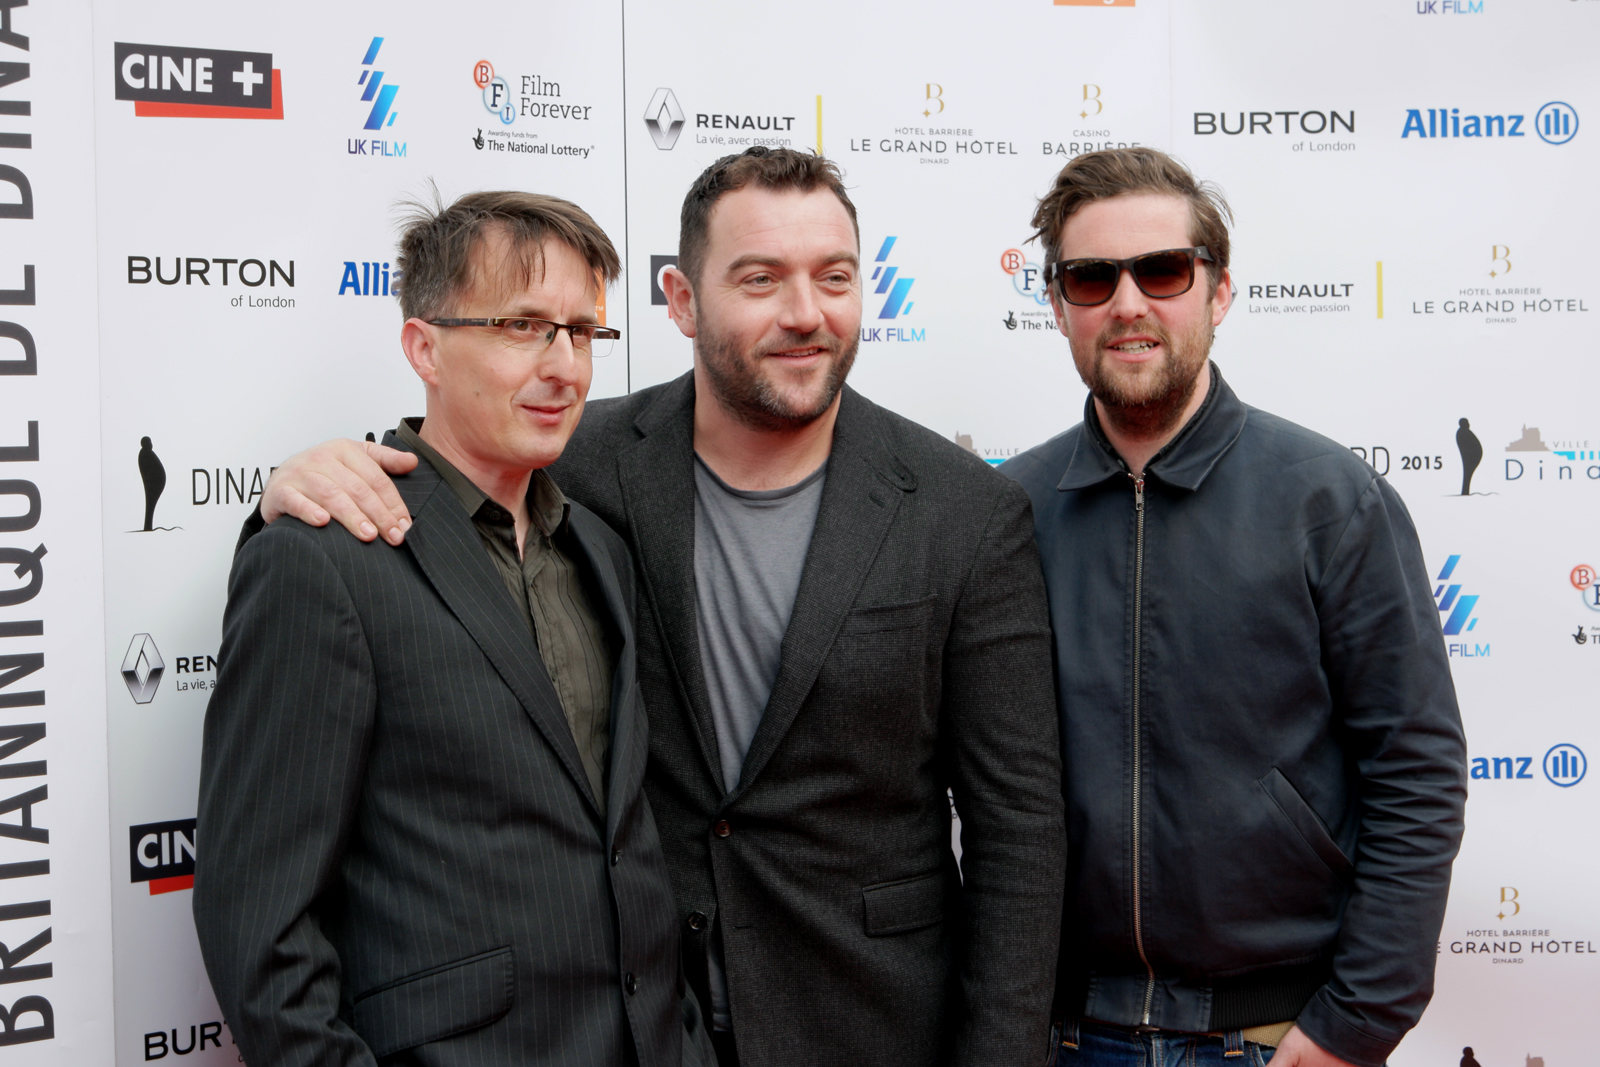 Denis Menochet avec Martin Radich (réalisateur) et Finlay Pretsell (producteur)